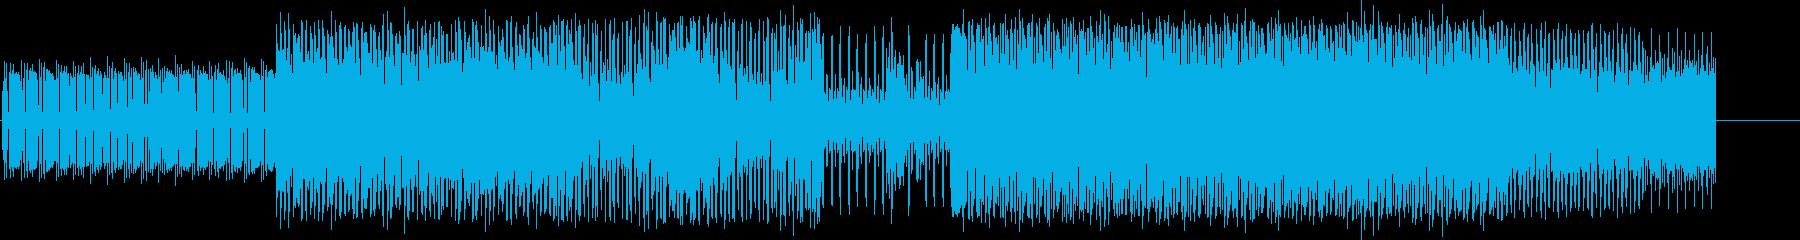 家の再生済みの波形